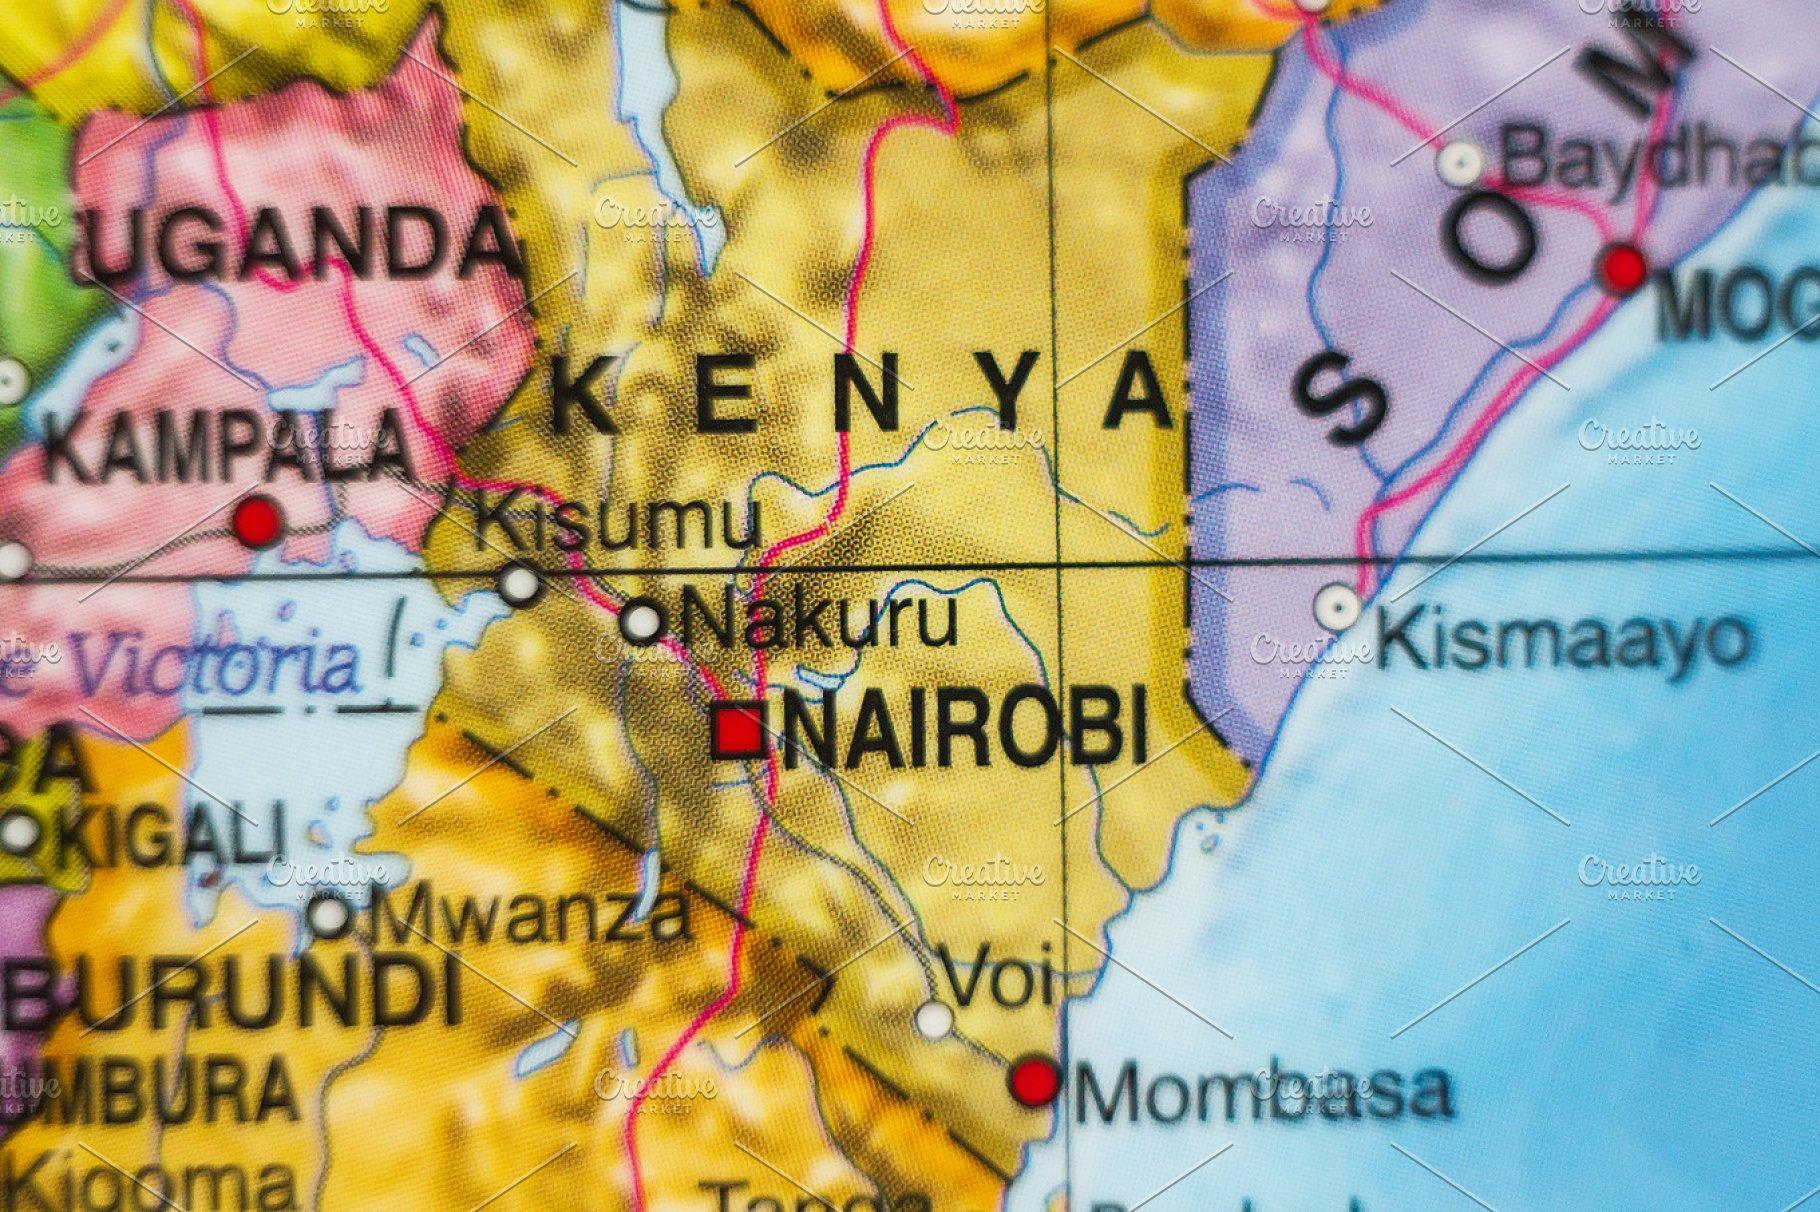 Kenya country map . on kenya map detailed, kenya's map, kenya physical features, texas natural resources map, kenya road map, lesotho capital map, kenya county map, kenya flag, african kenya map, kenya vegetation map, kenya town map, kenya country people, kenya egypt map, kenya thematic map, kenya mountains map, kenya culture, kenya ethnic map, kenya africa, kenya industry map, kenya on map,